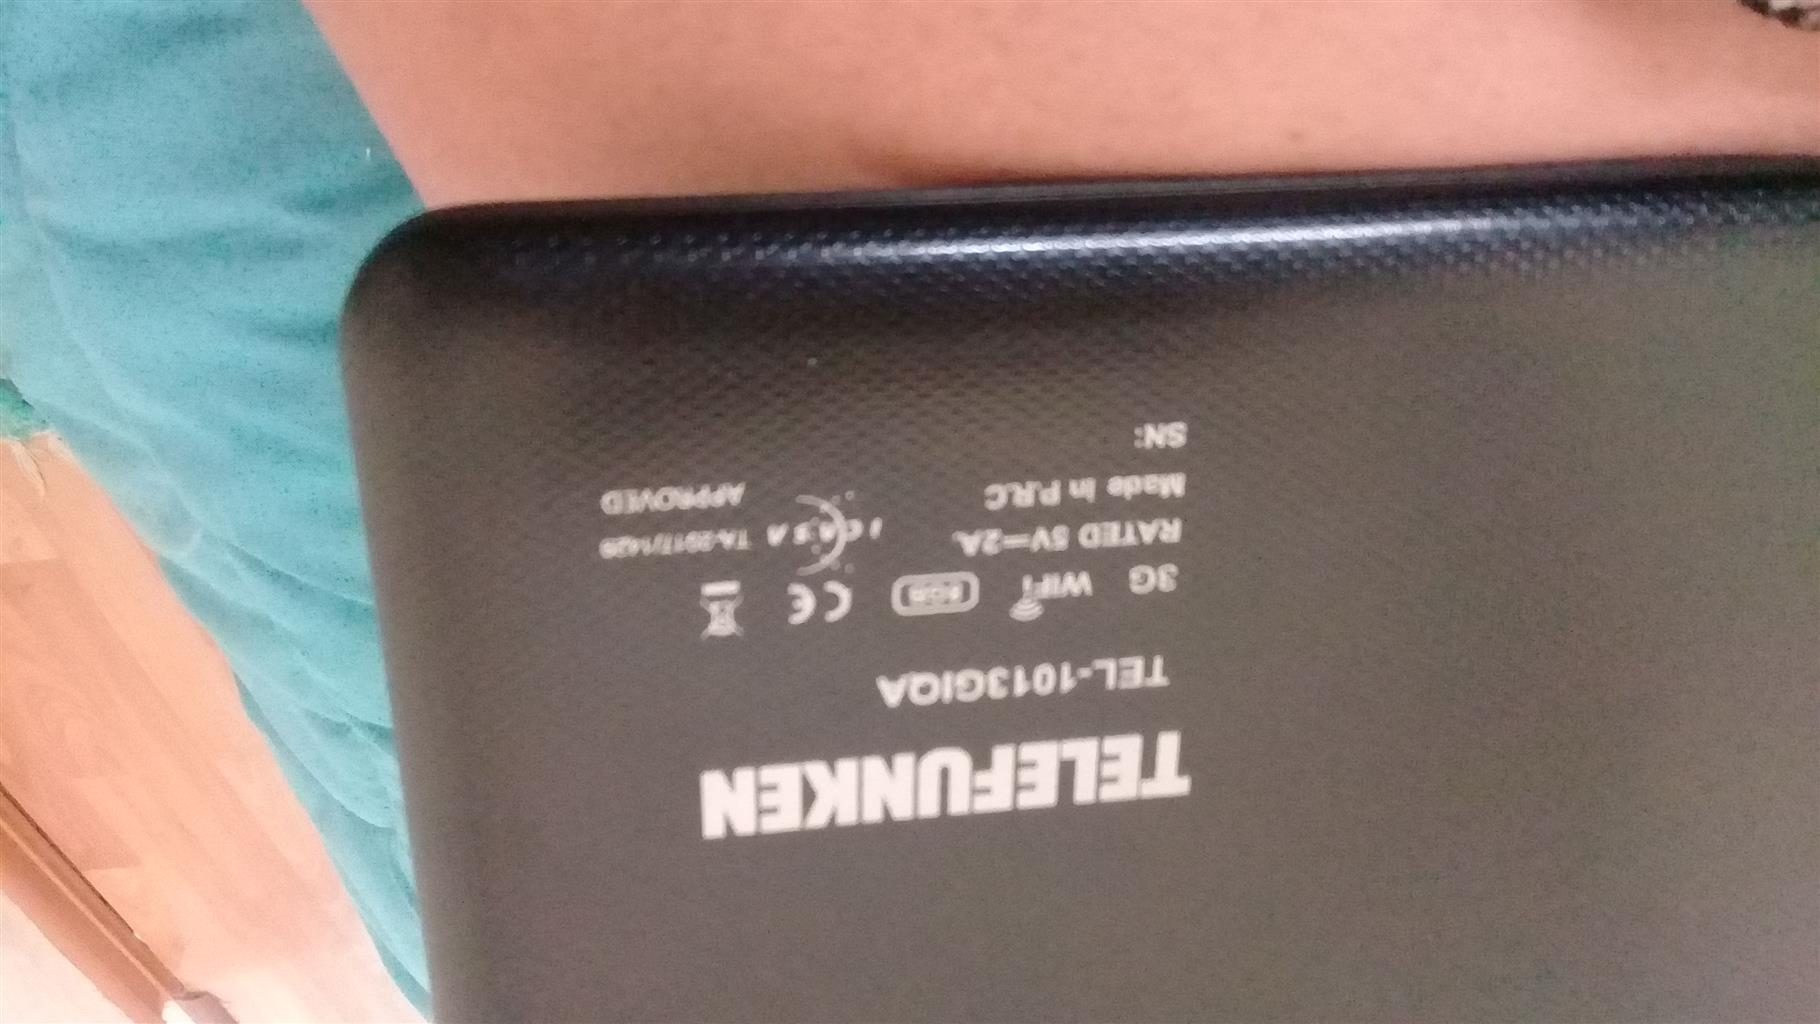 Telefunken tablet for sale